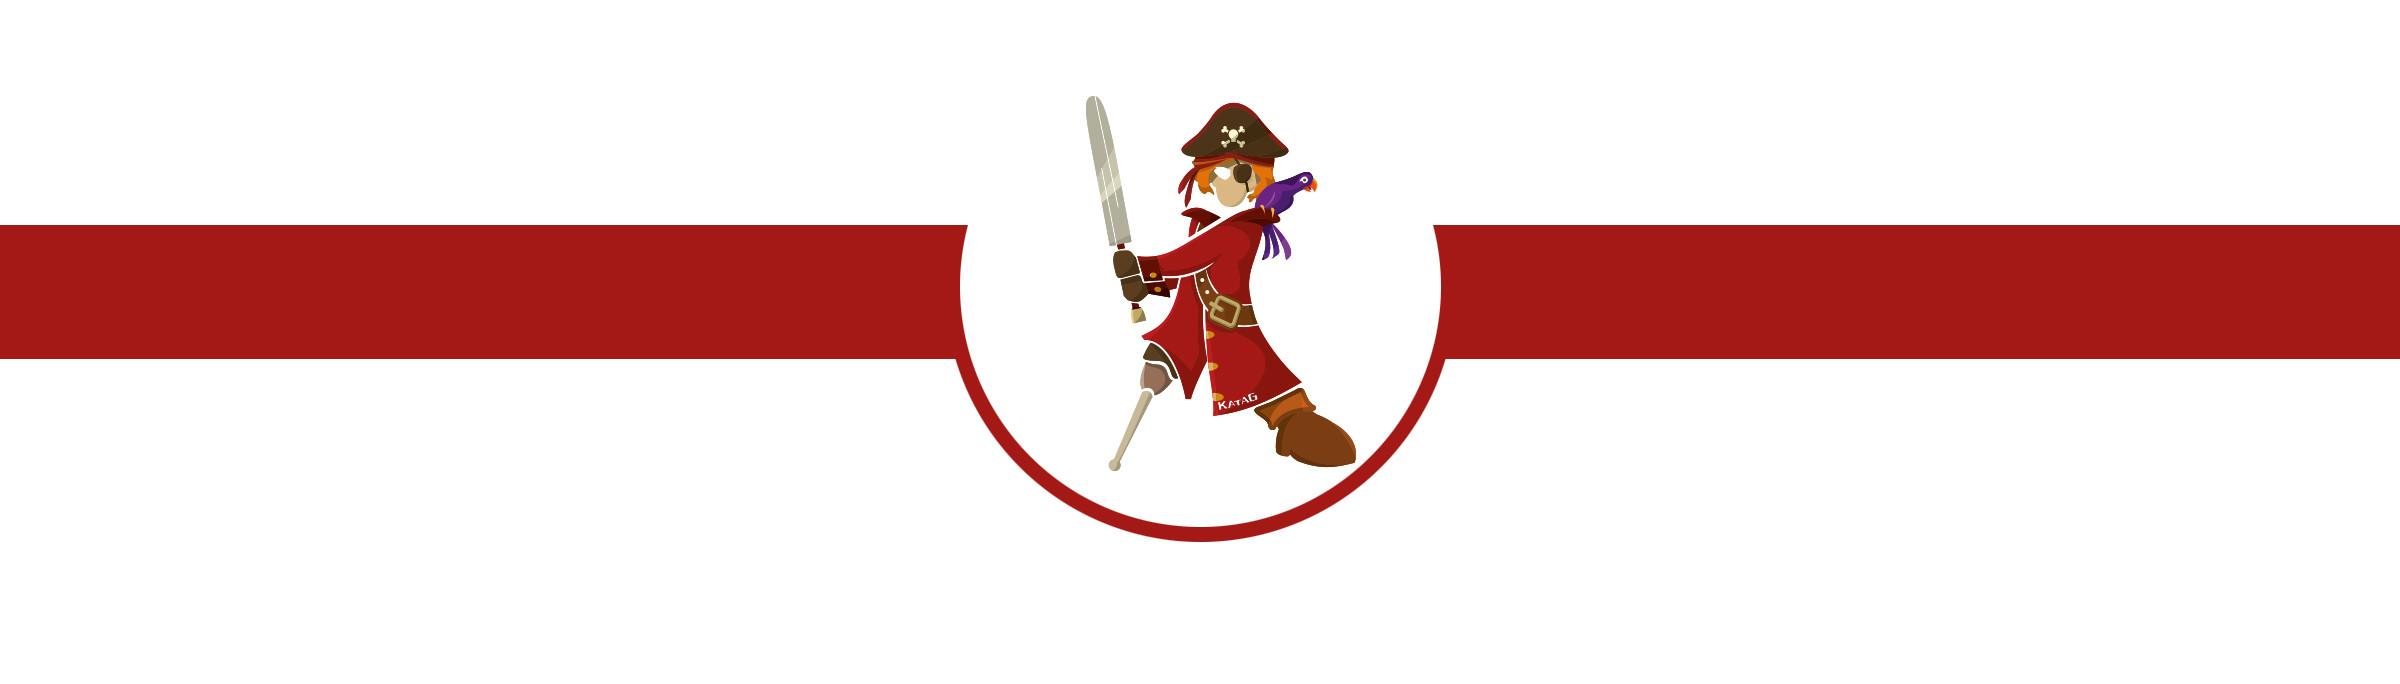 Katag Pirate